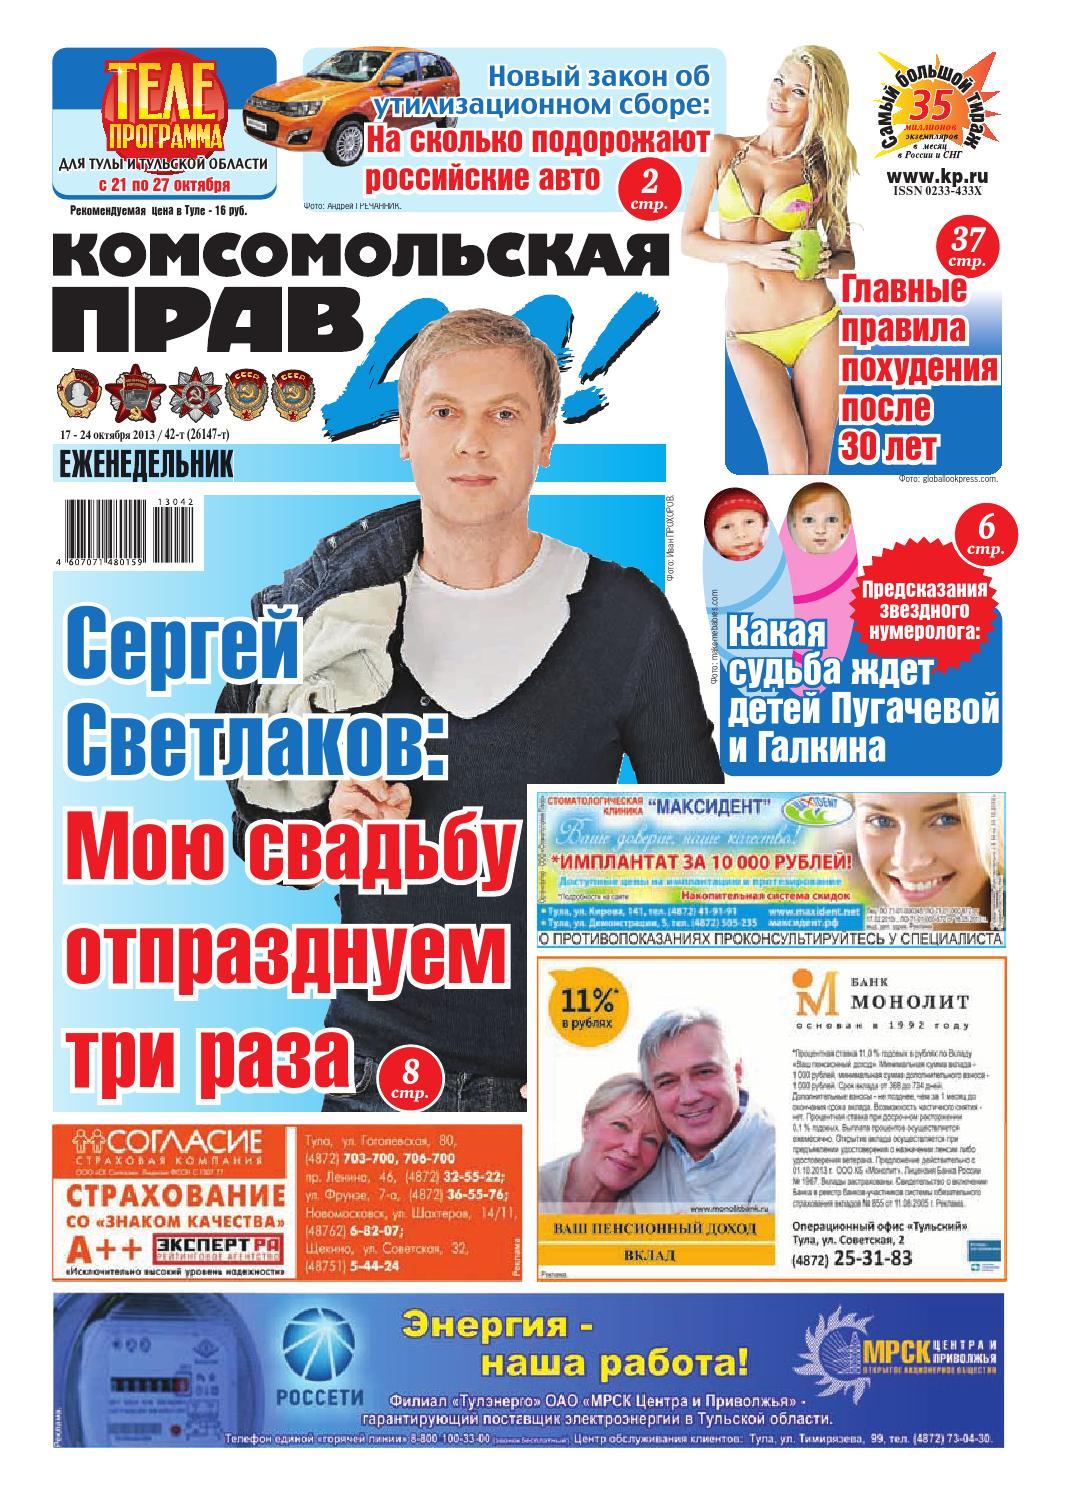 В новости на греческом тв попал фрагмент из порнофильма ведео